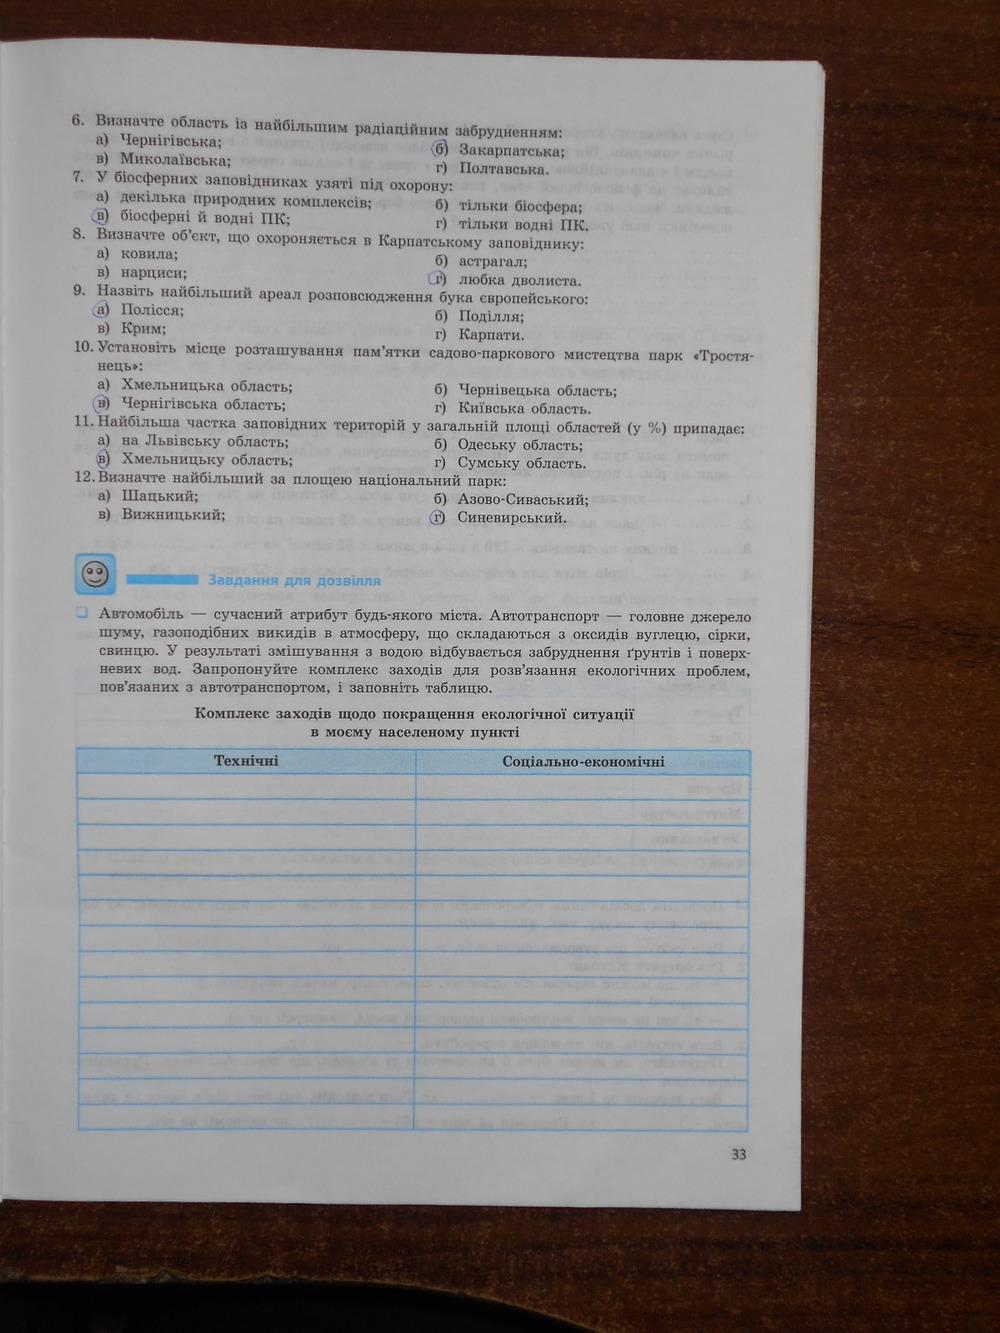 ГДЗ відповіді робочий зошит по географии 8 класс Т.Г. Гільберг, В.М. Проценко. Задание: стр. 33